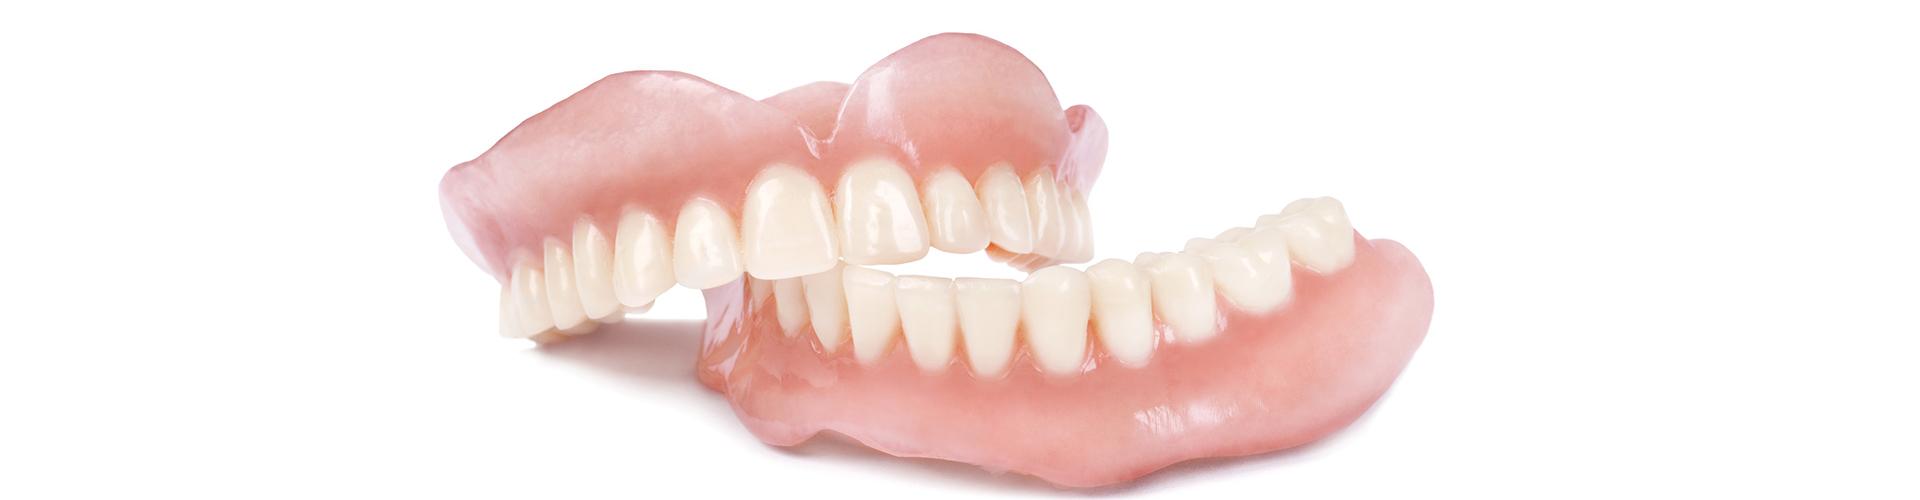 protesi dentale campodarsego